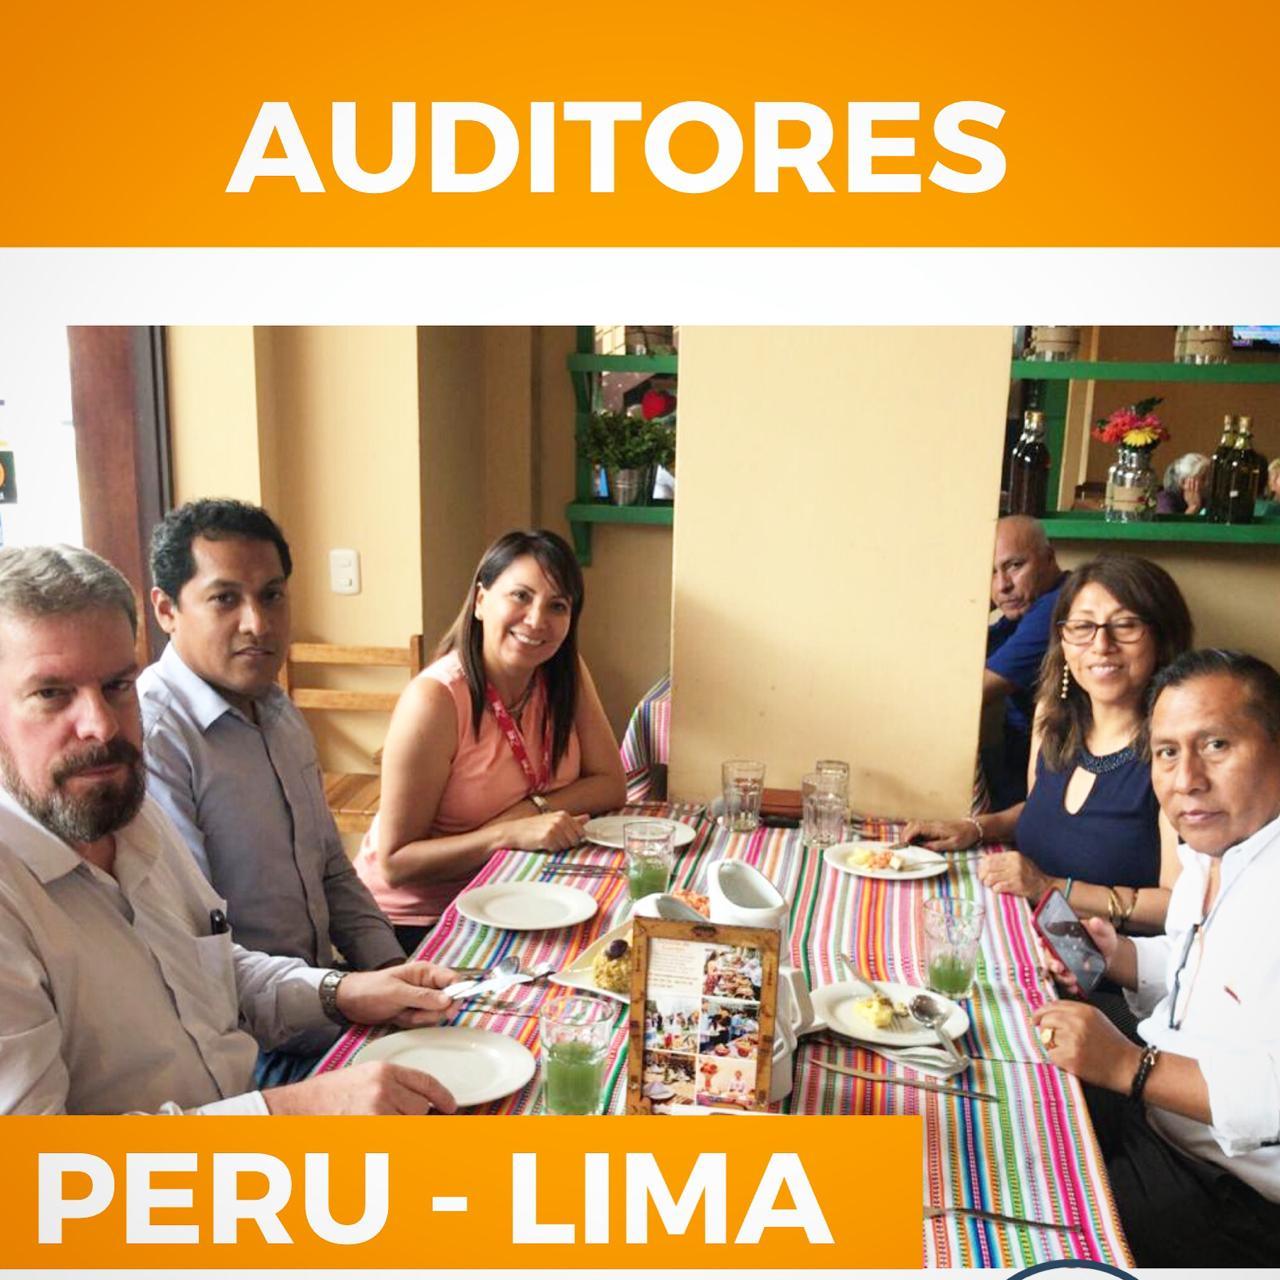 Enquanto isso, nossos Auditores diretamente do Peru-Lima